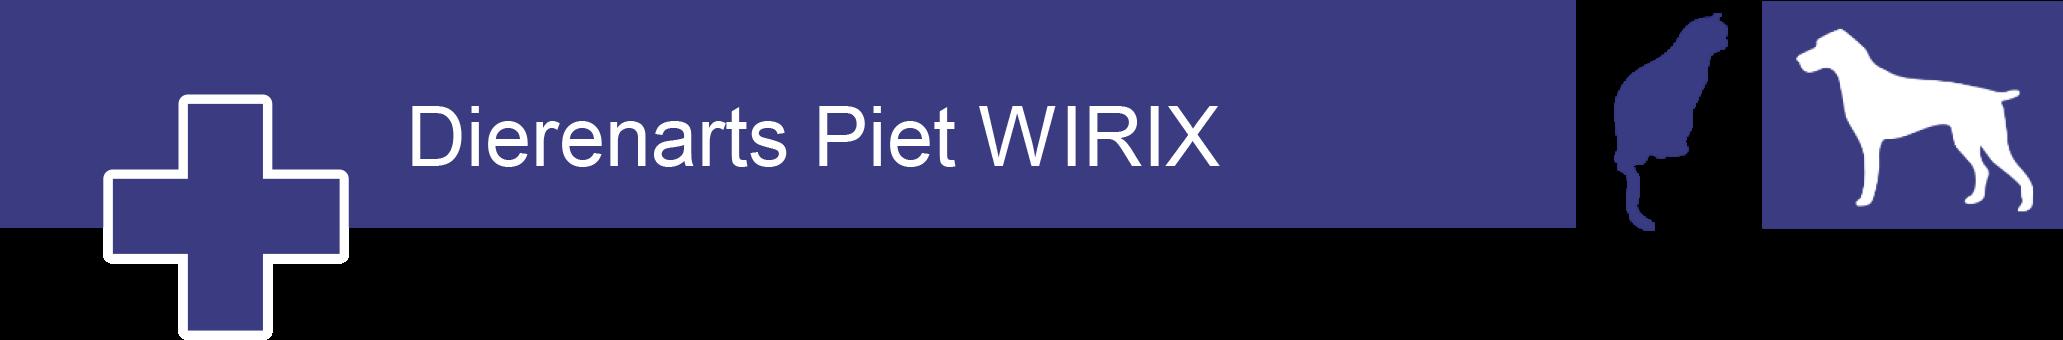 Logo Piet Wirix Dierenarts